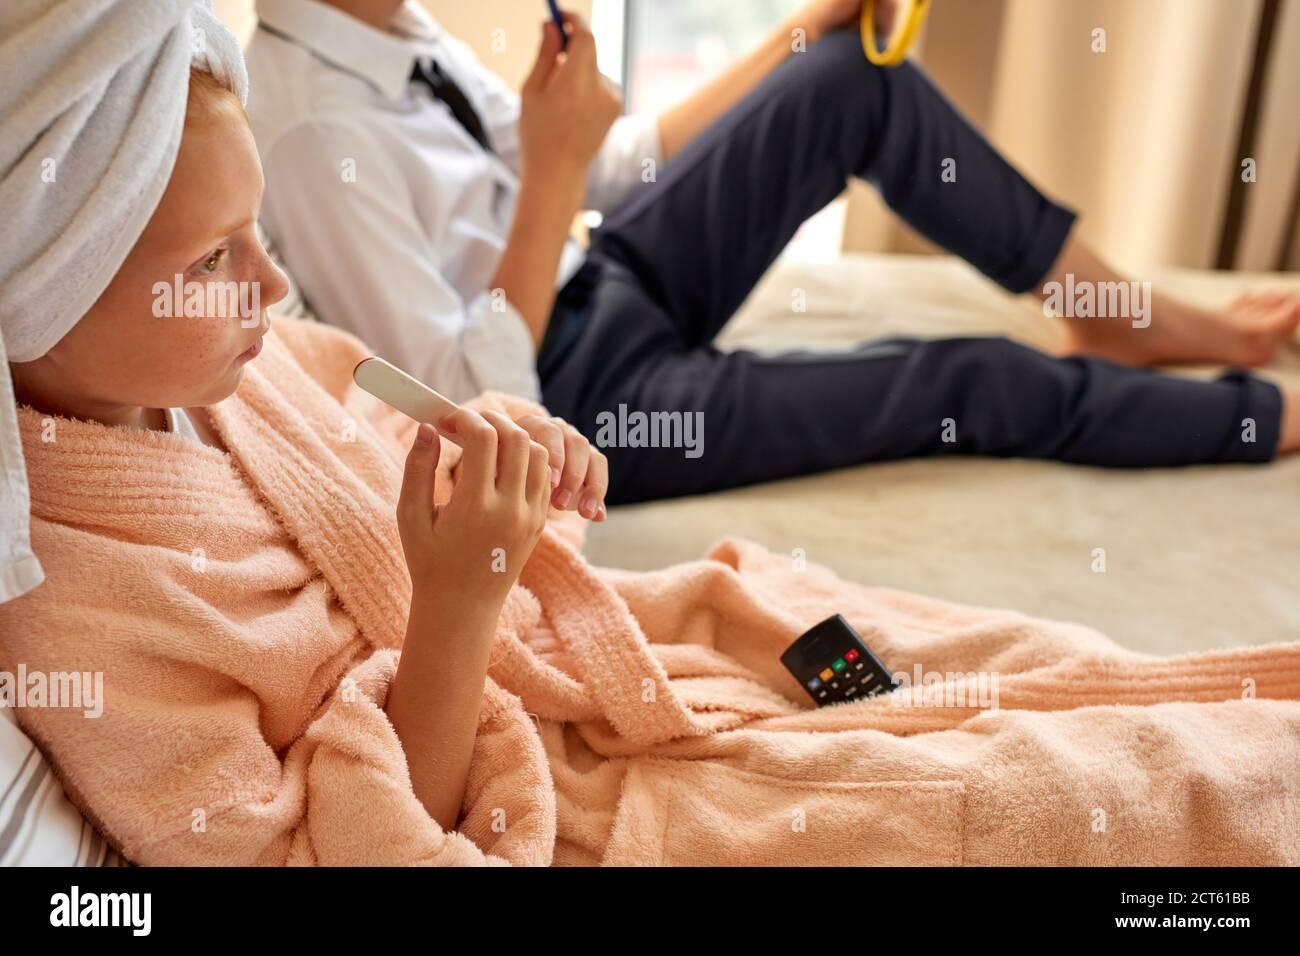 beau couple d'enfants commence la journée ensemble, fille et garçon se reposent sur le lit, repos Banque D'Images